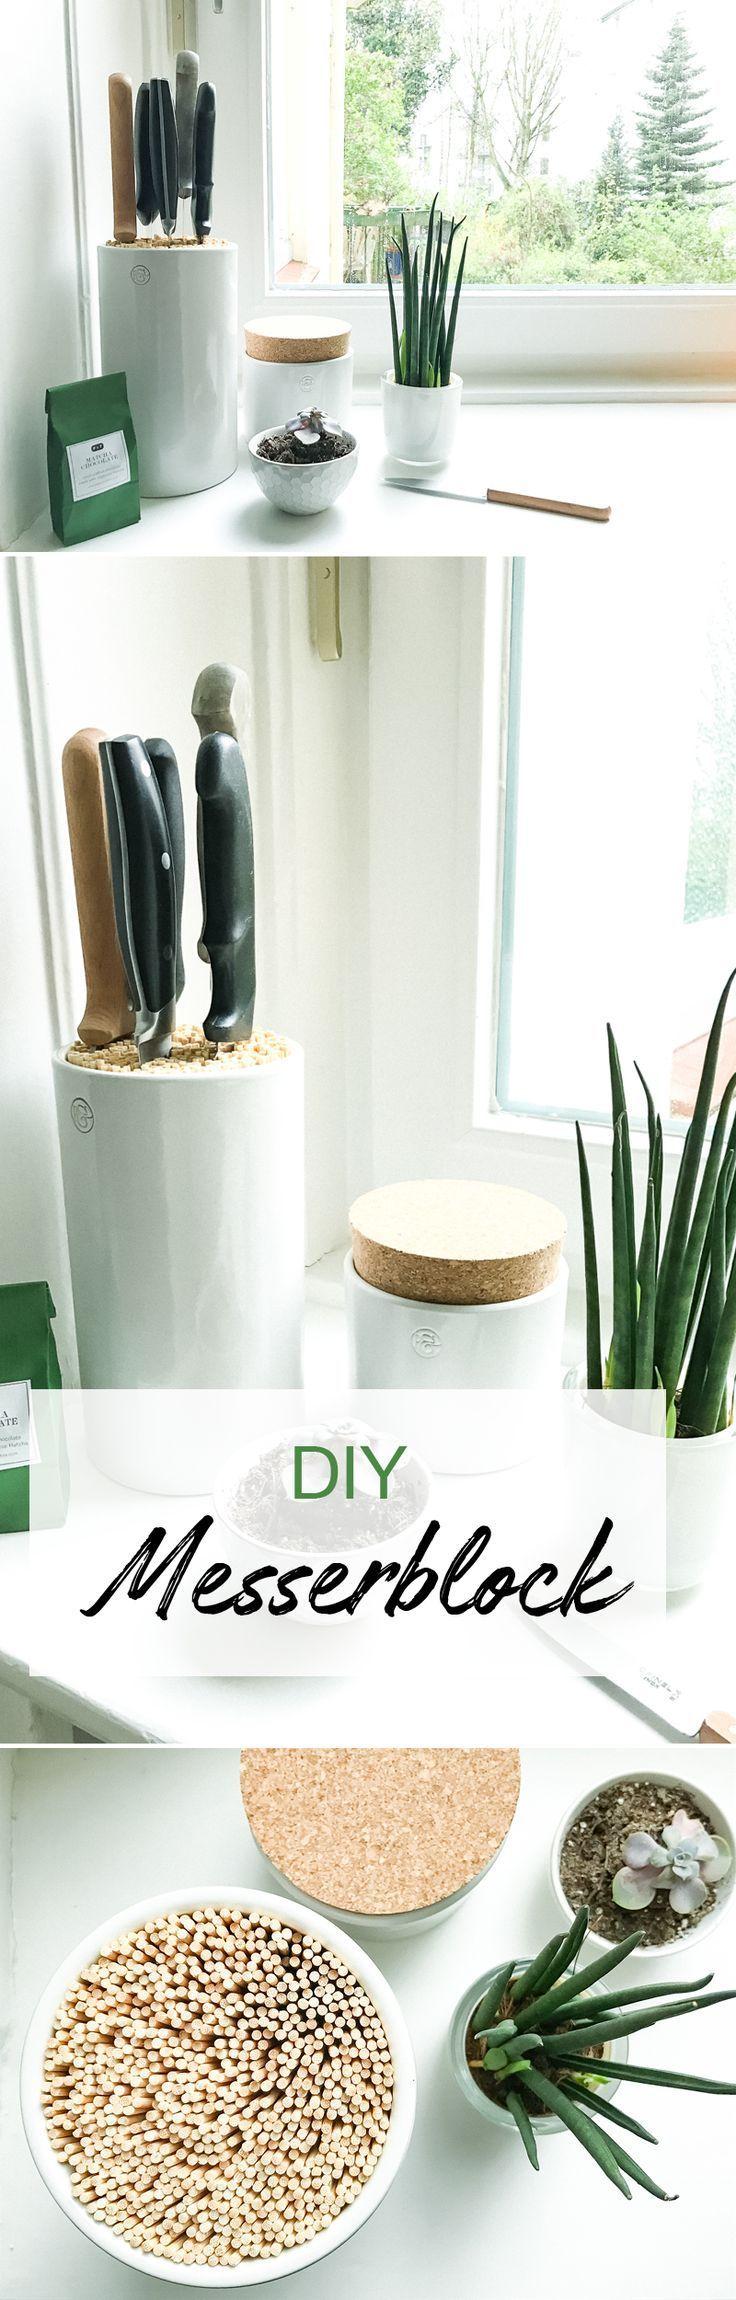 5 Minuten-DIY: Messerblock selber bauen – elbmadame.de